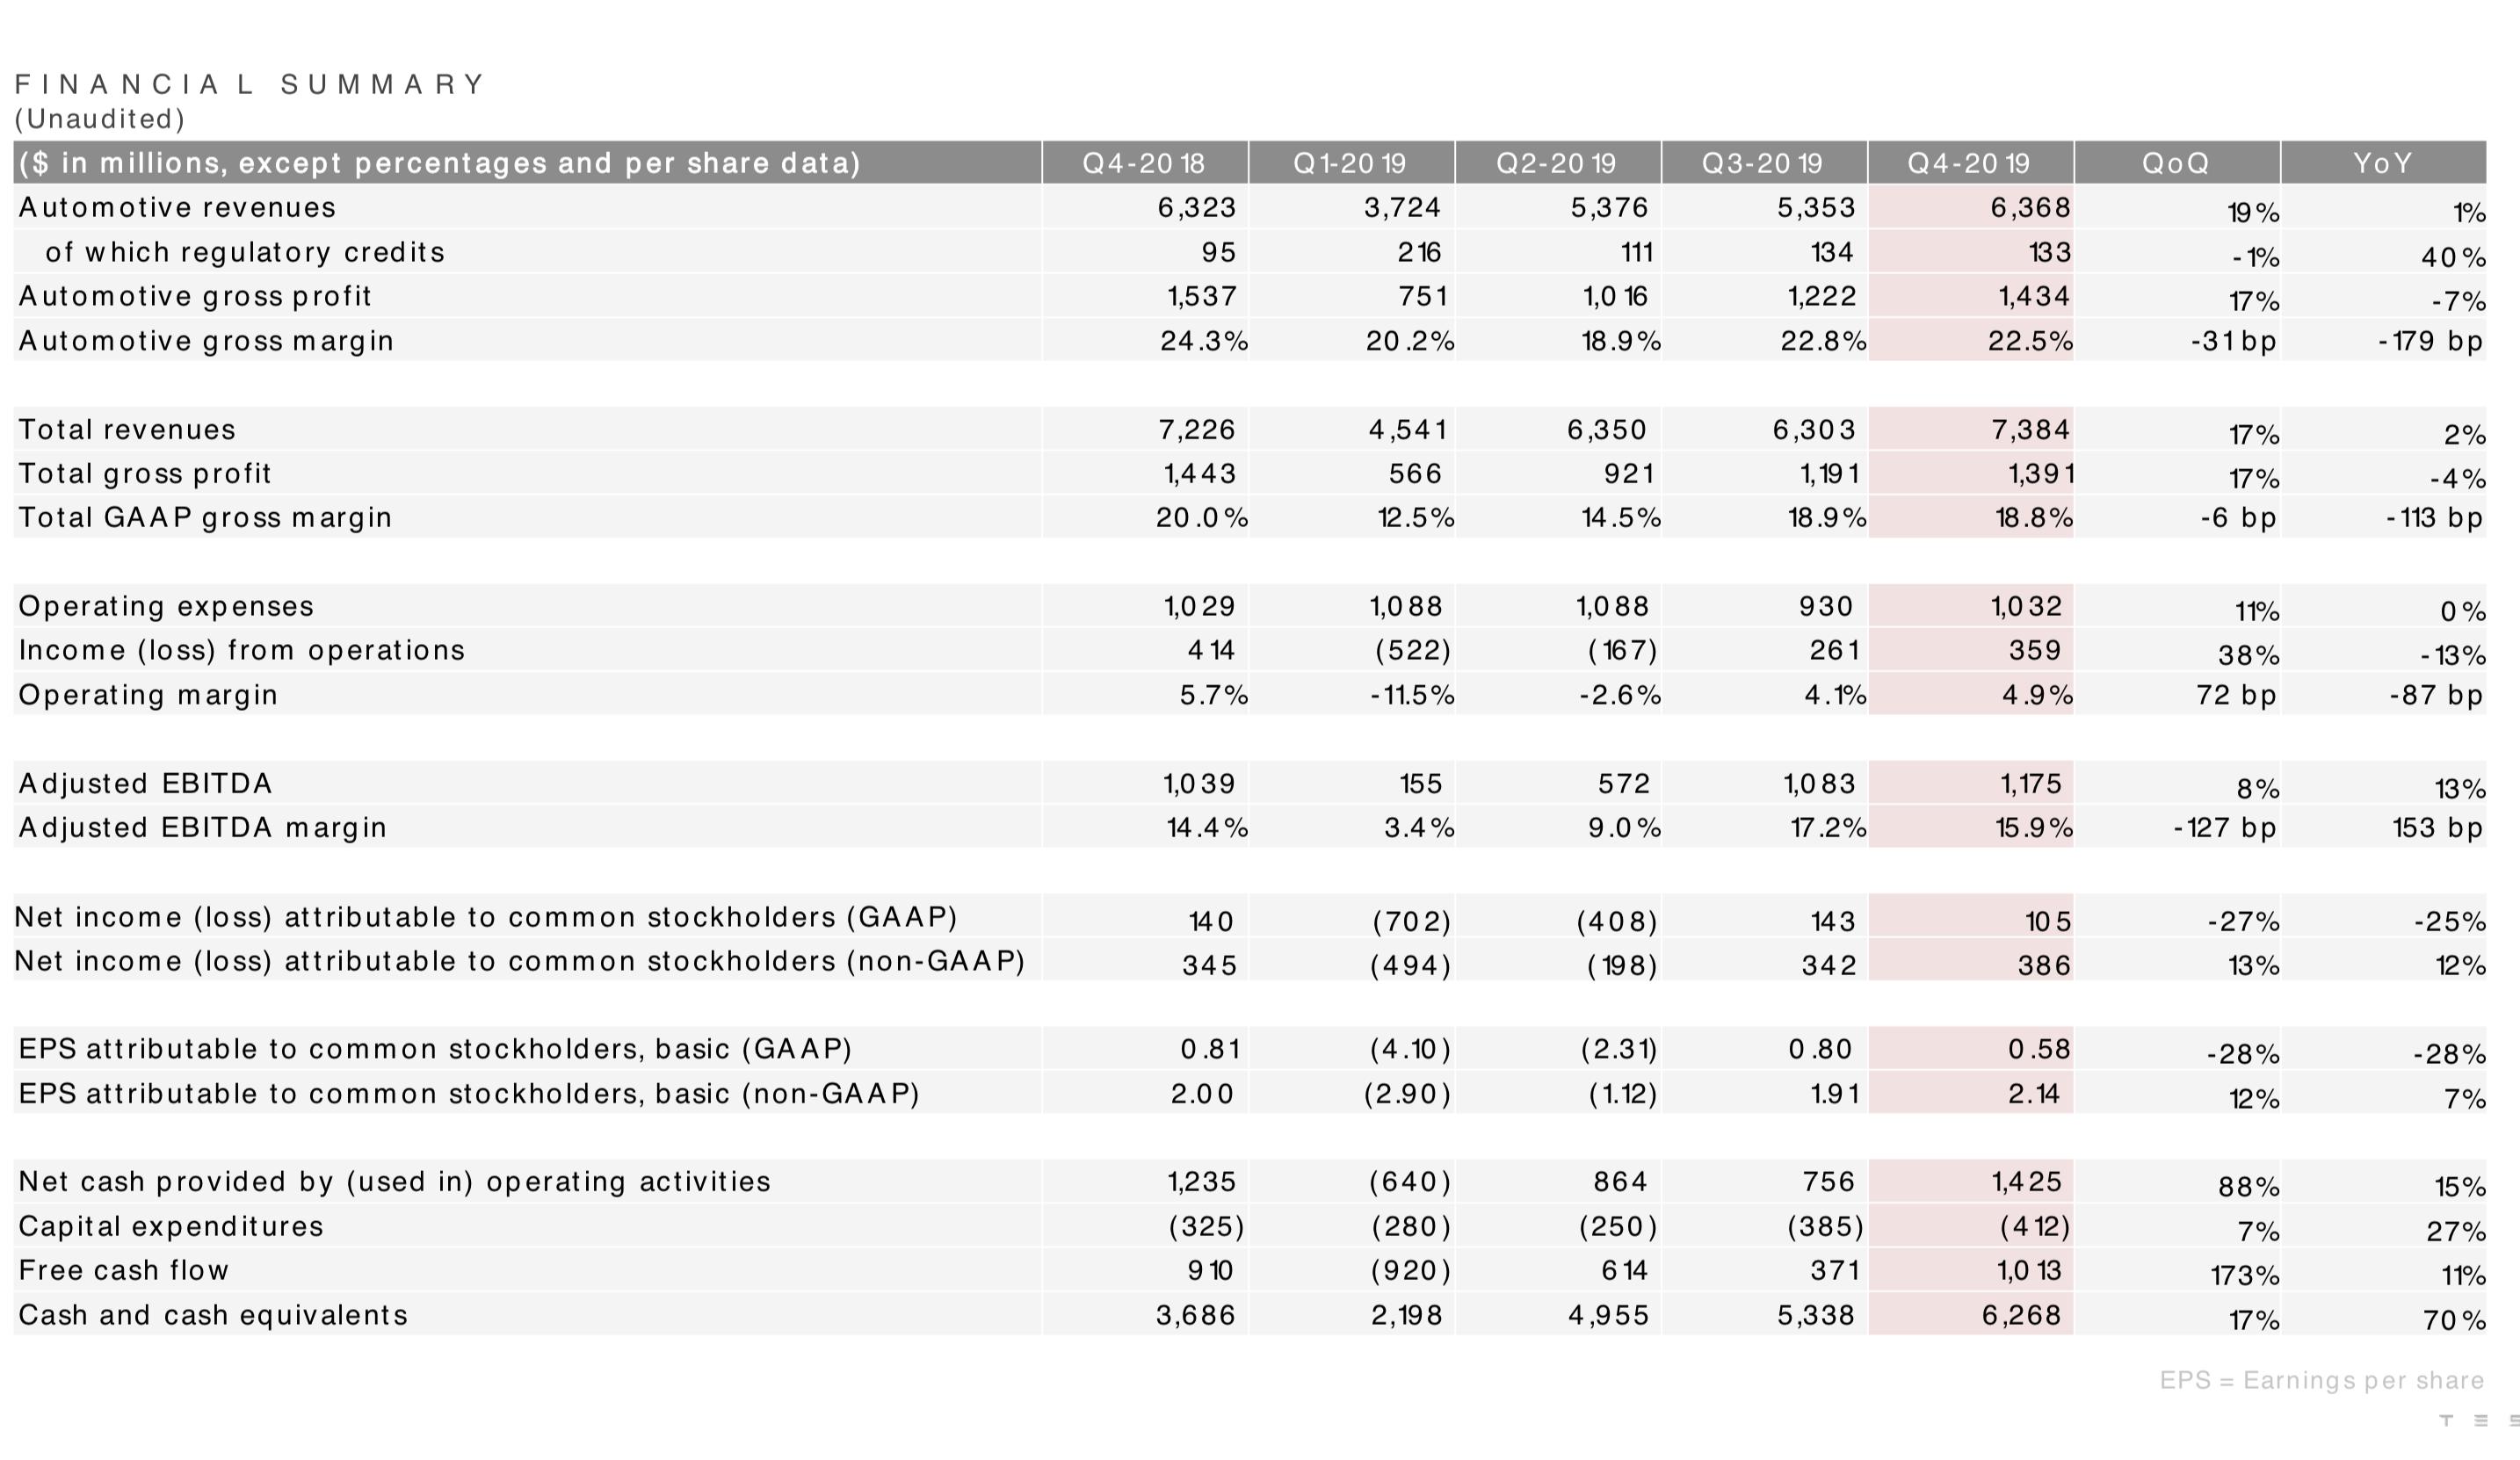 Tesla financial summary